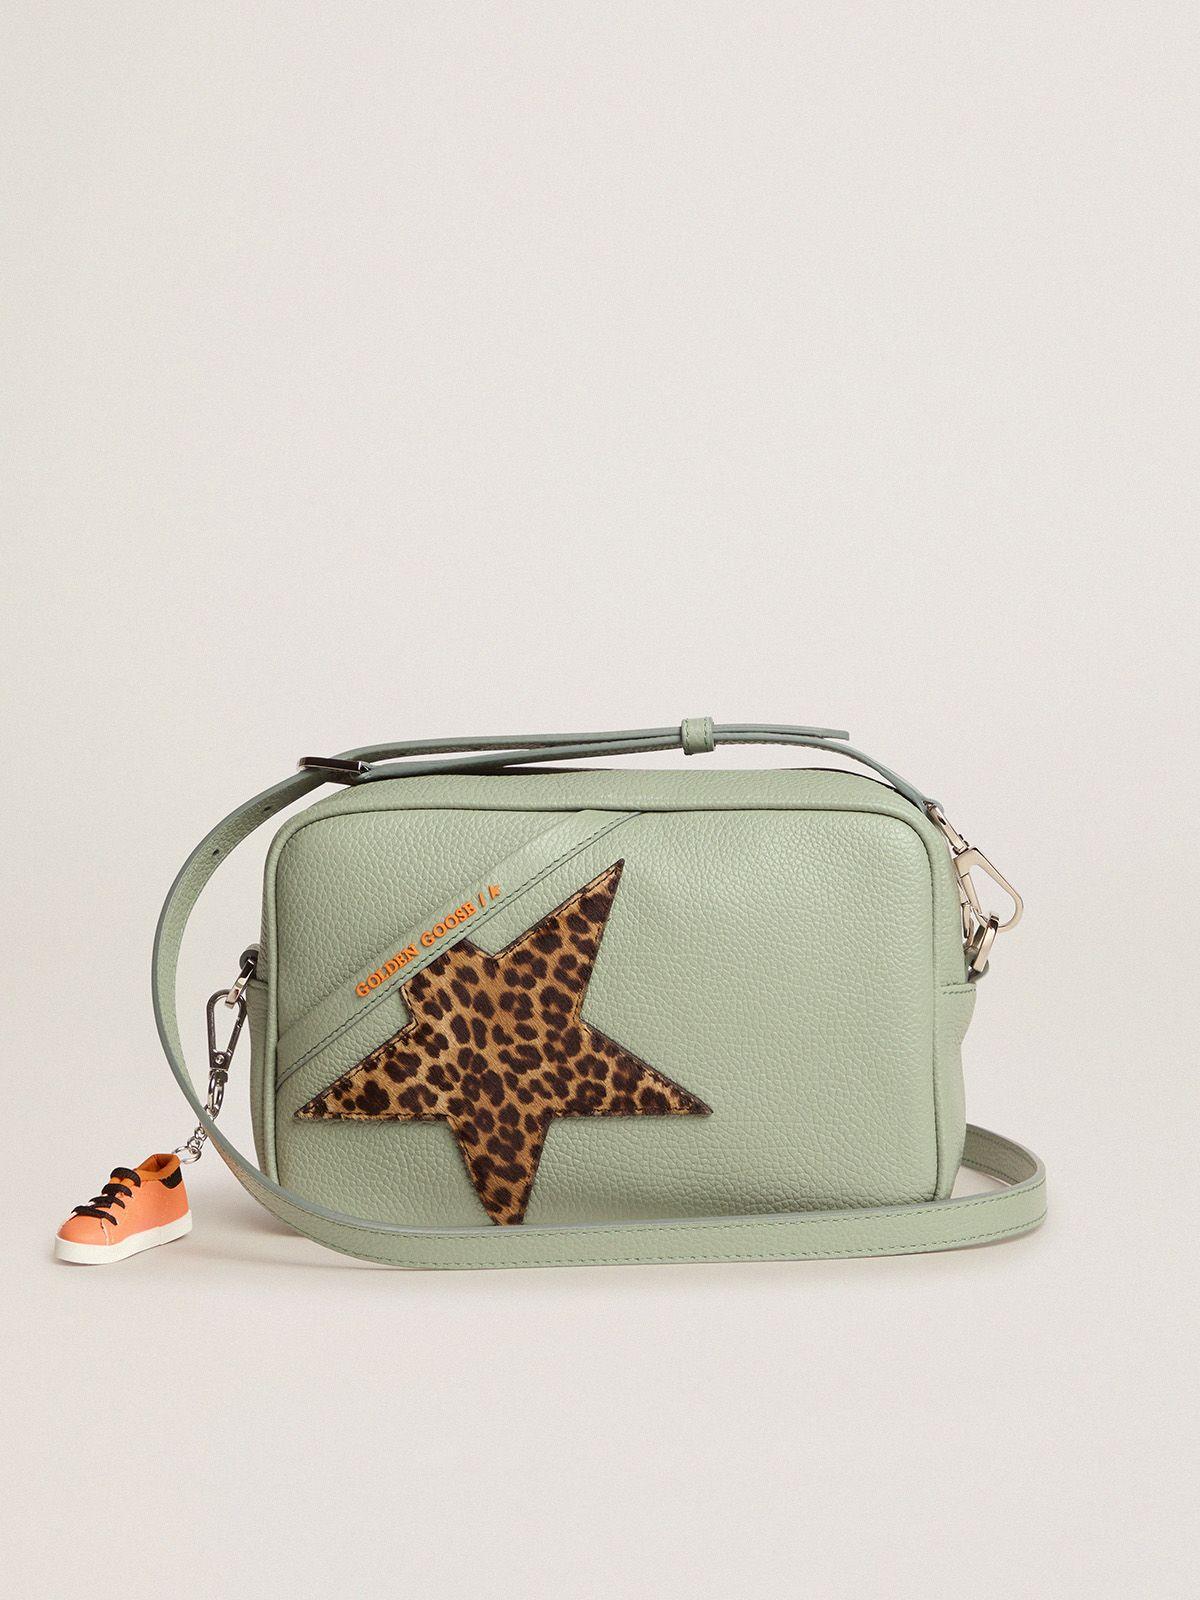 Sage Star Bag with leopard-print pony skin star